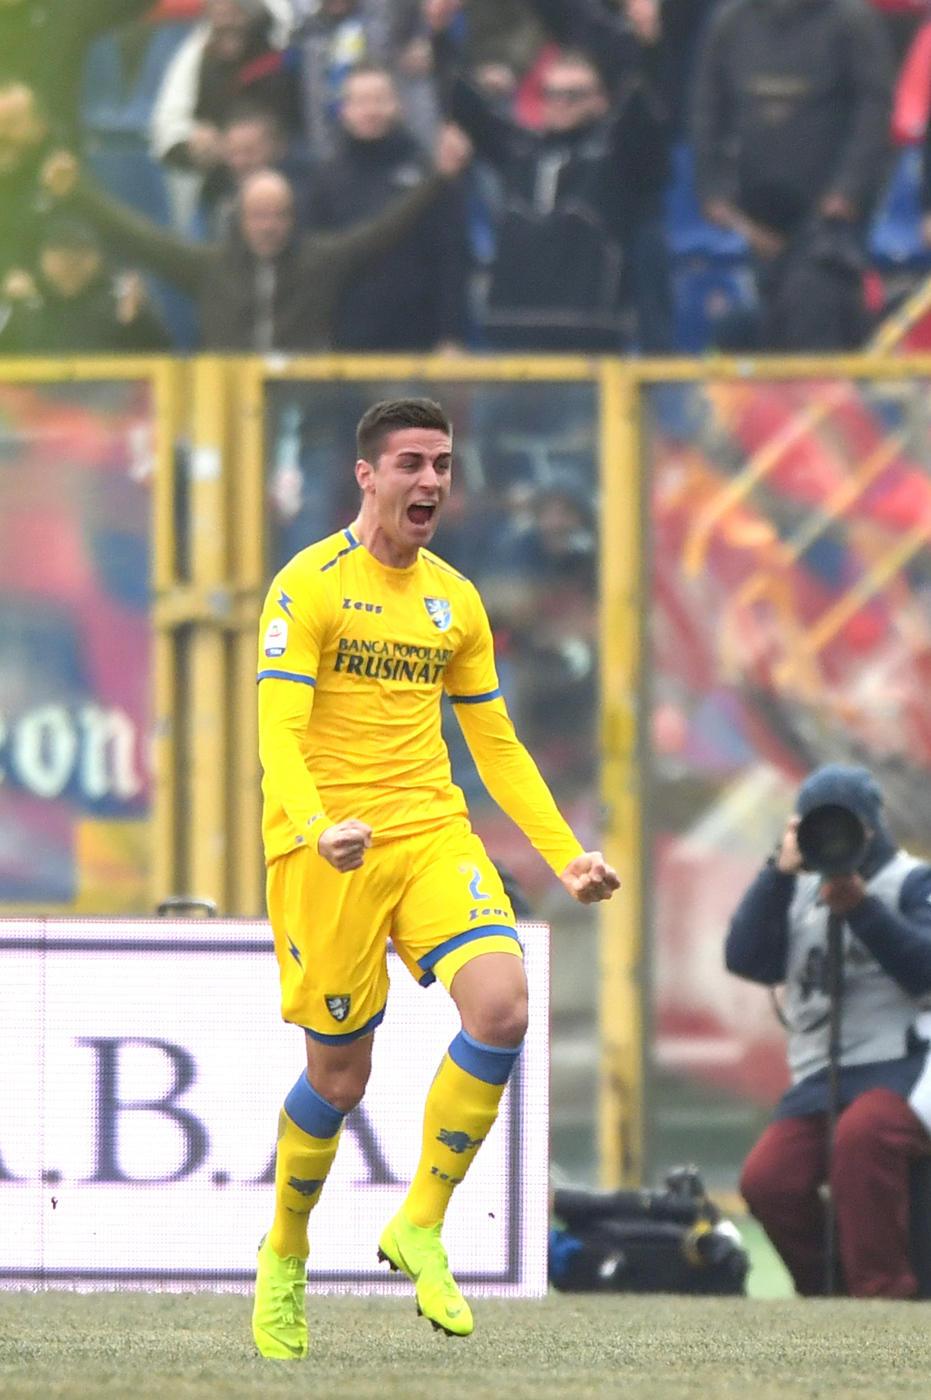 Serie A, Bologna-Frosinone 0-4: le foto del match | Foto ...